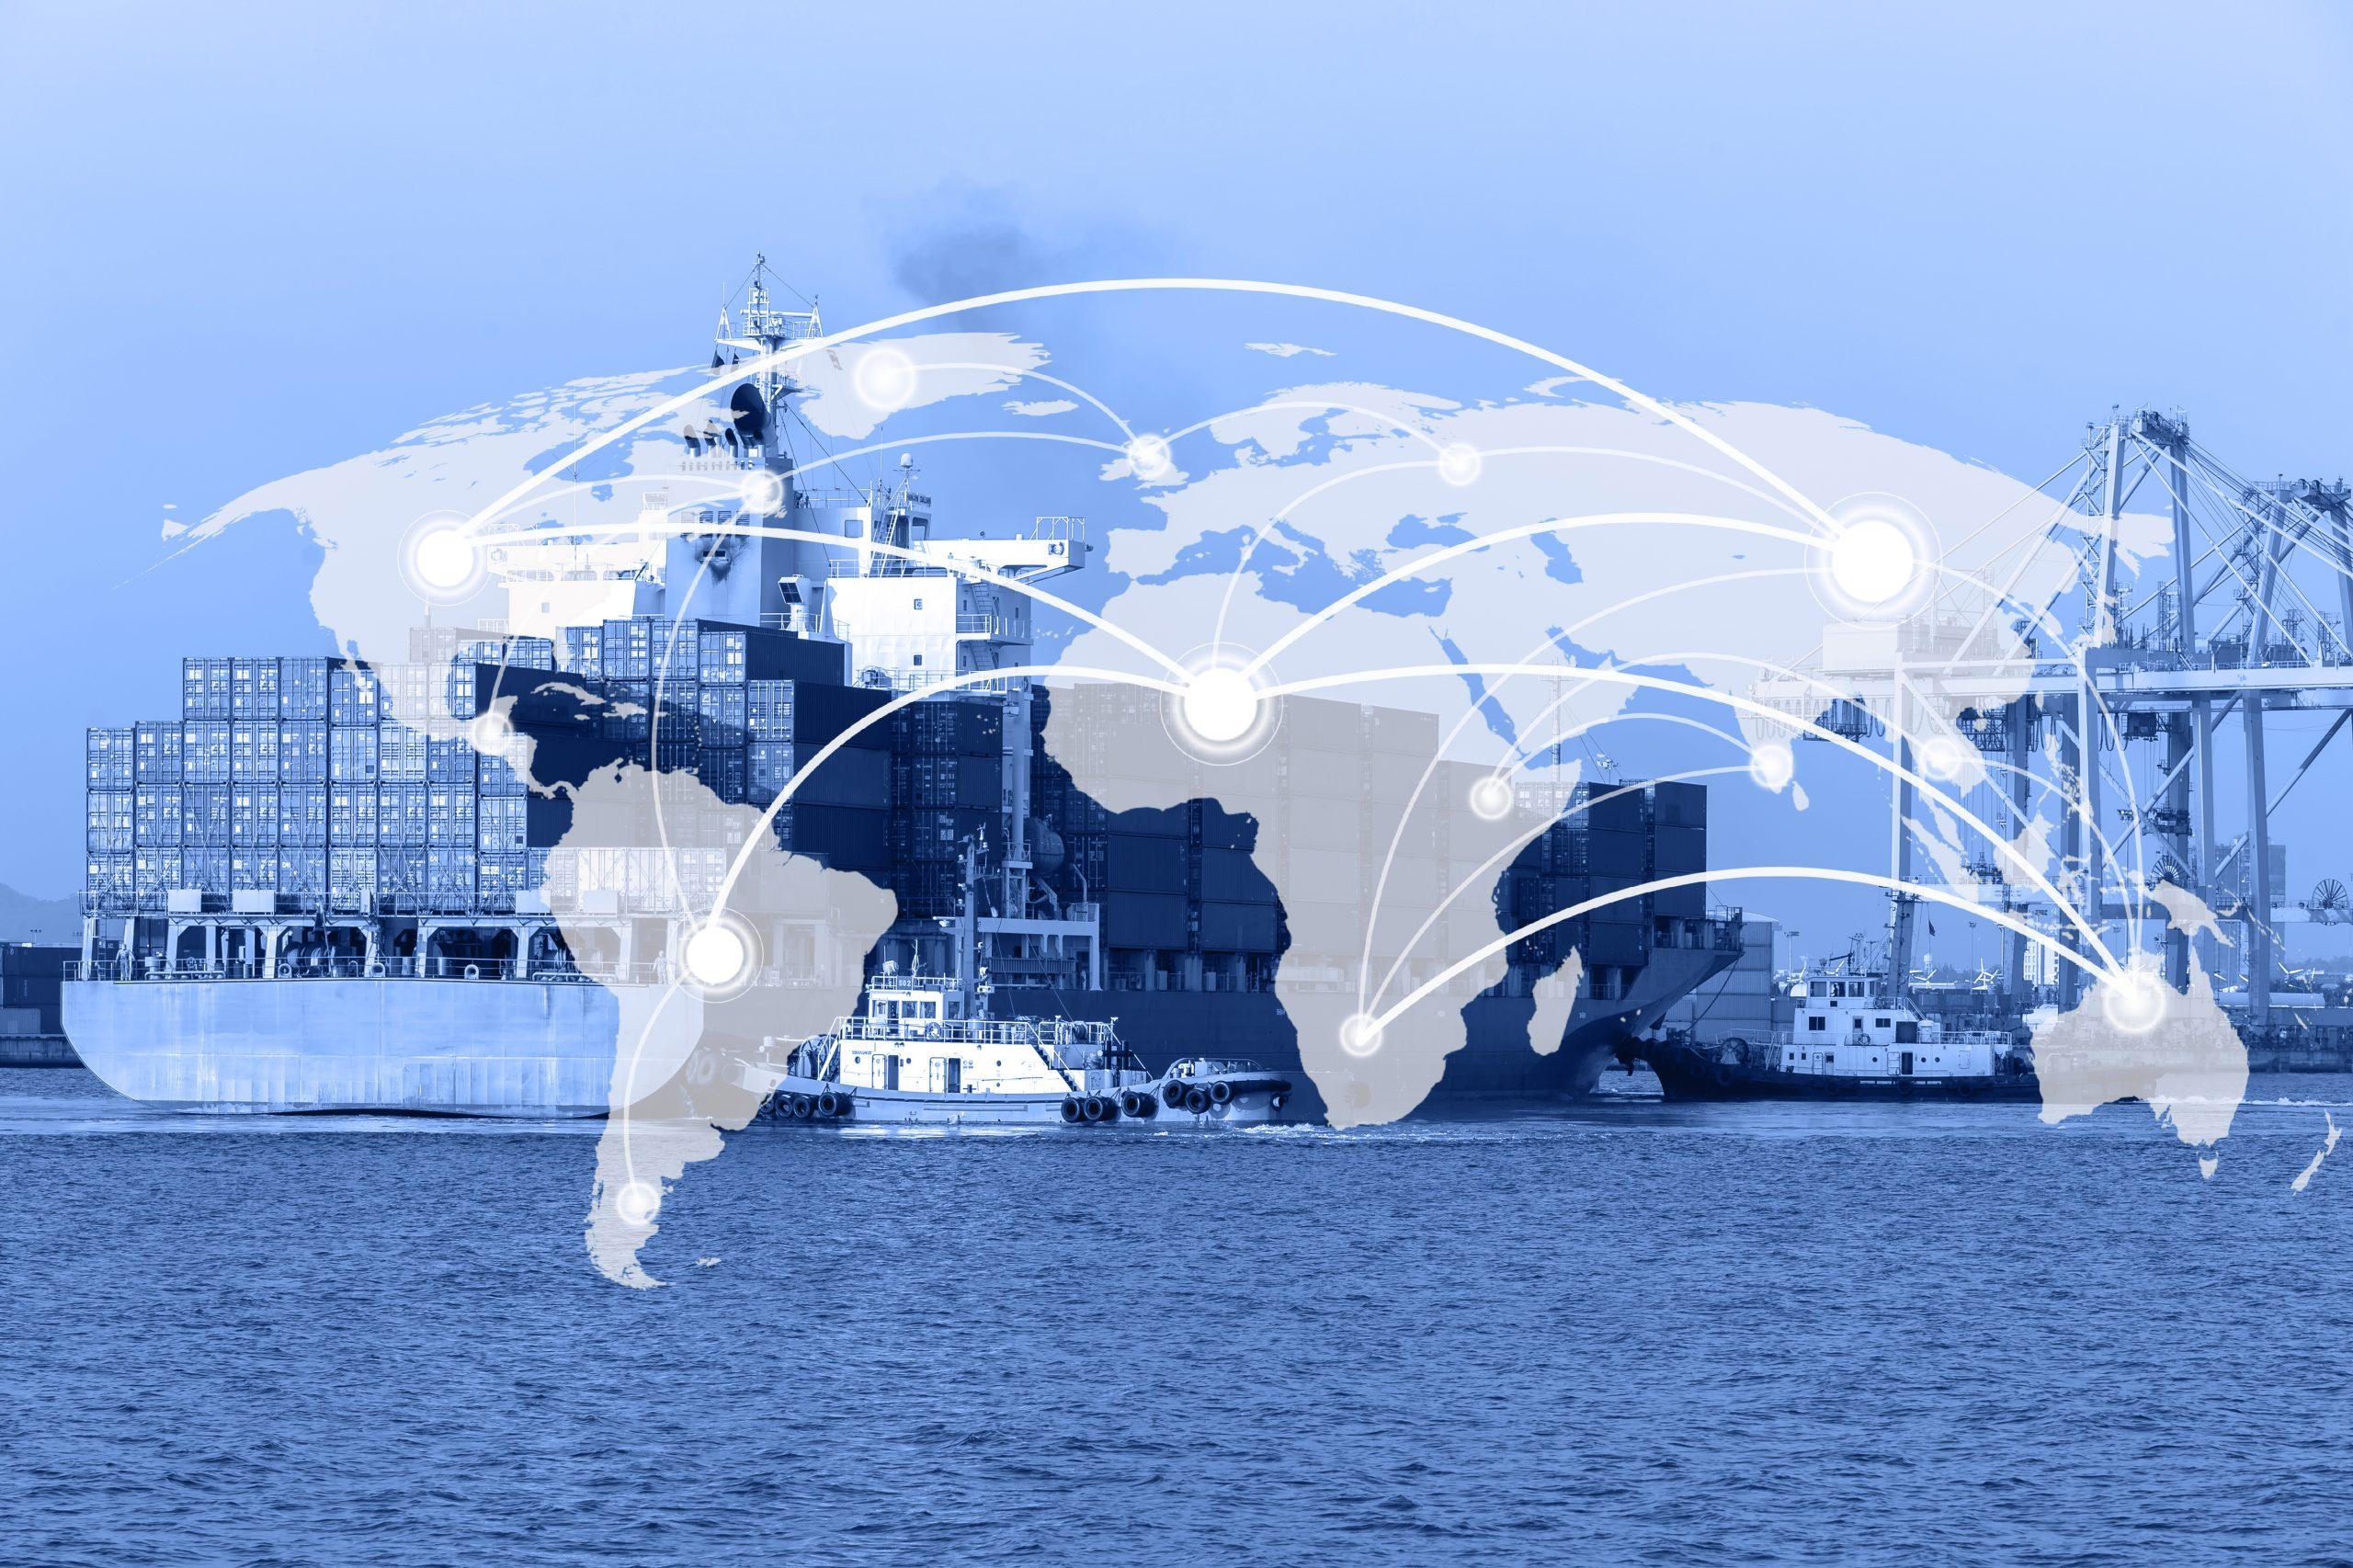 Chcete se prosadit na zahraničních trzích? Poraďte se s experty